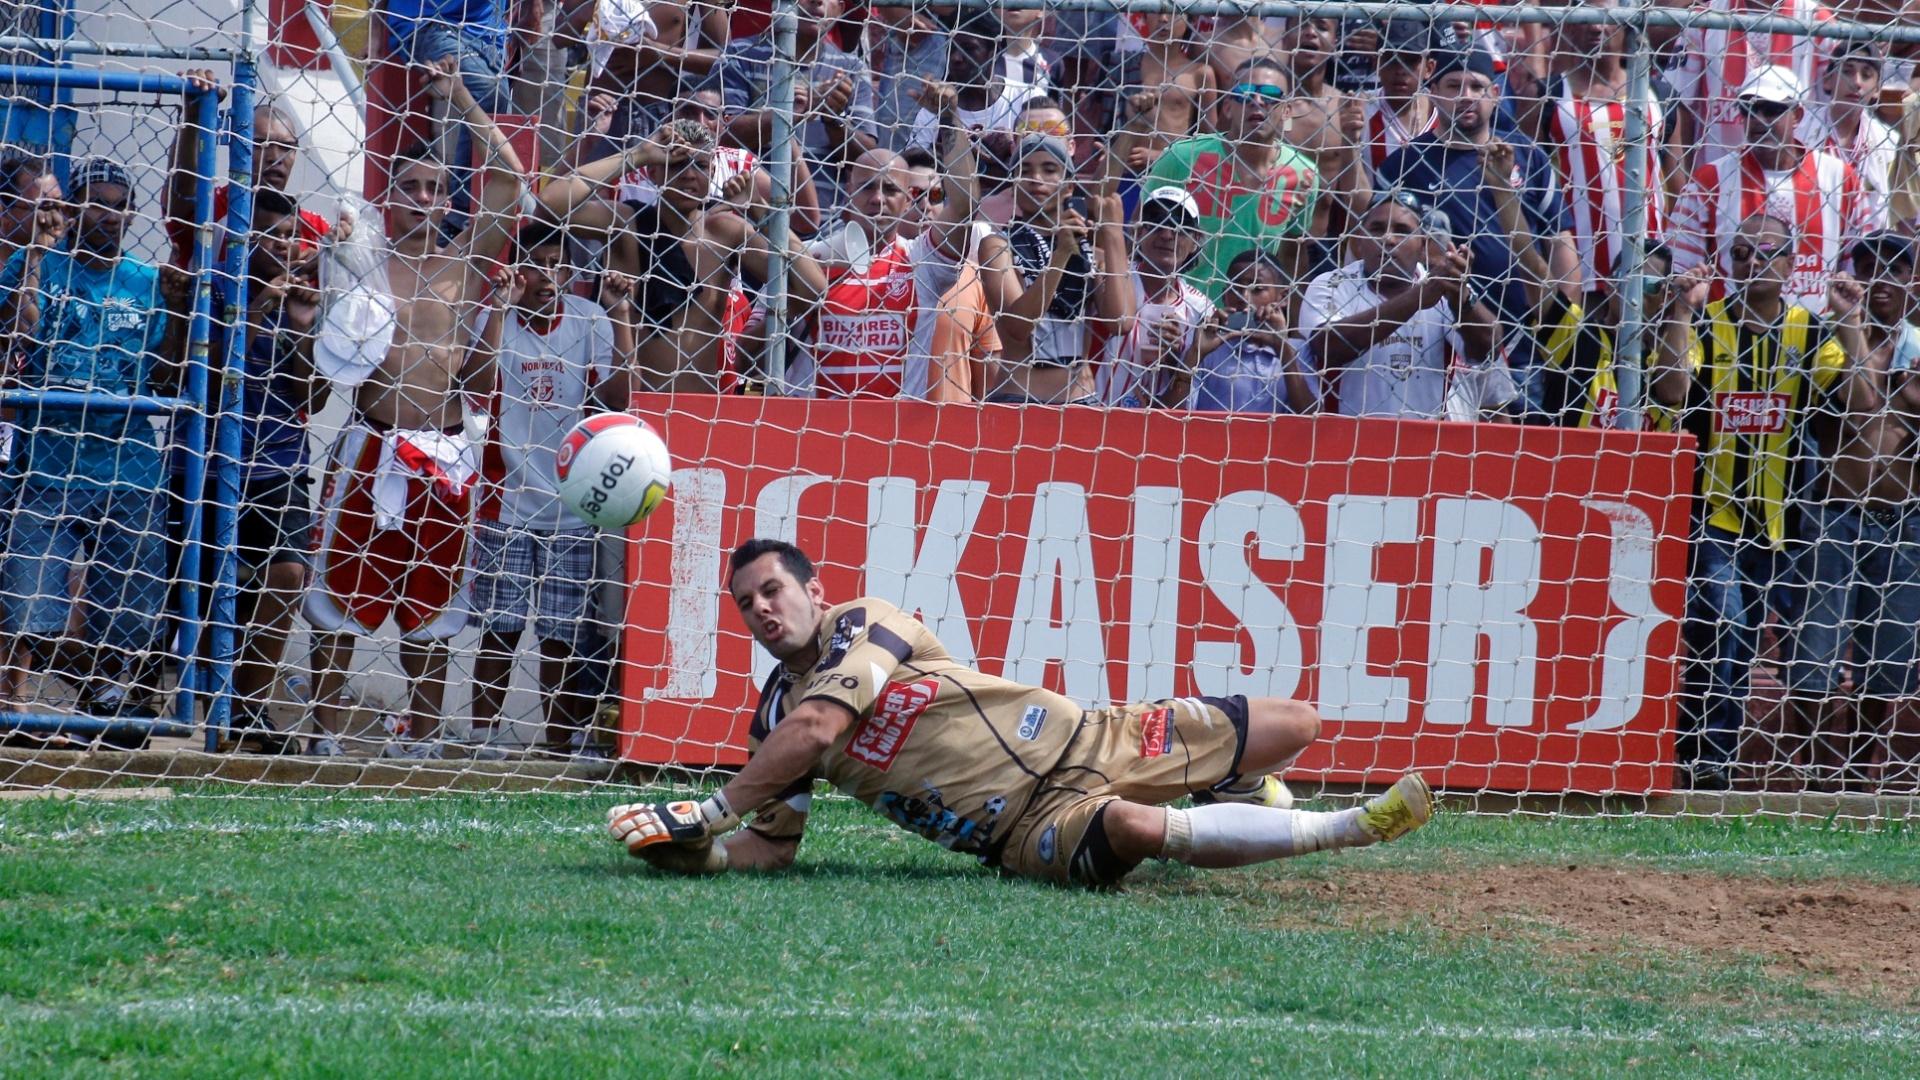 Goleiro do Turma do Baffo defende chute de jogador do Noroeste durante semifinal da Copa Kaiser